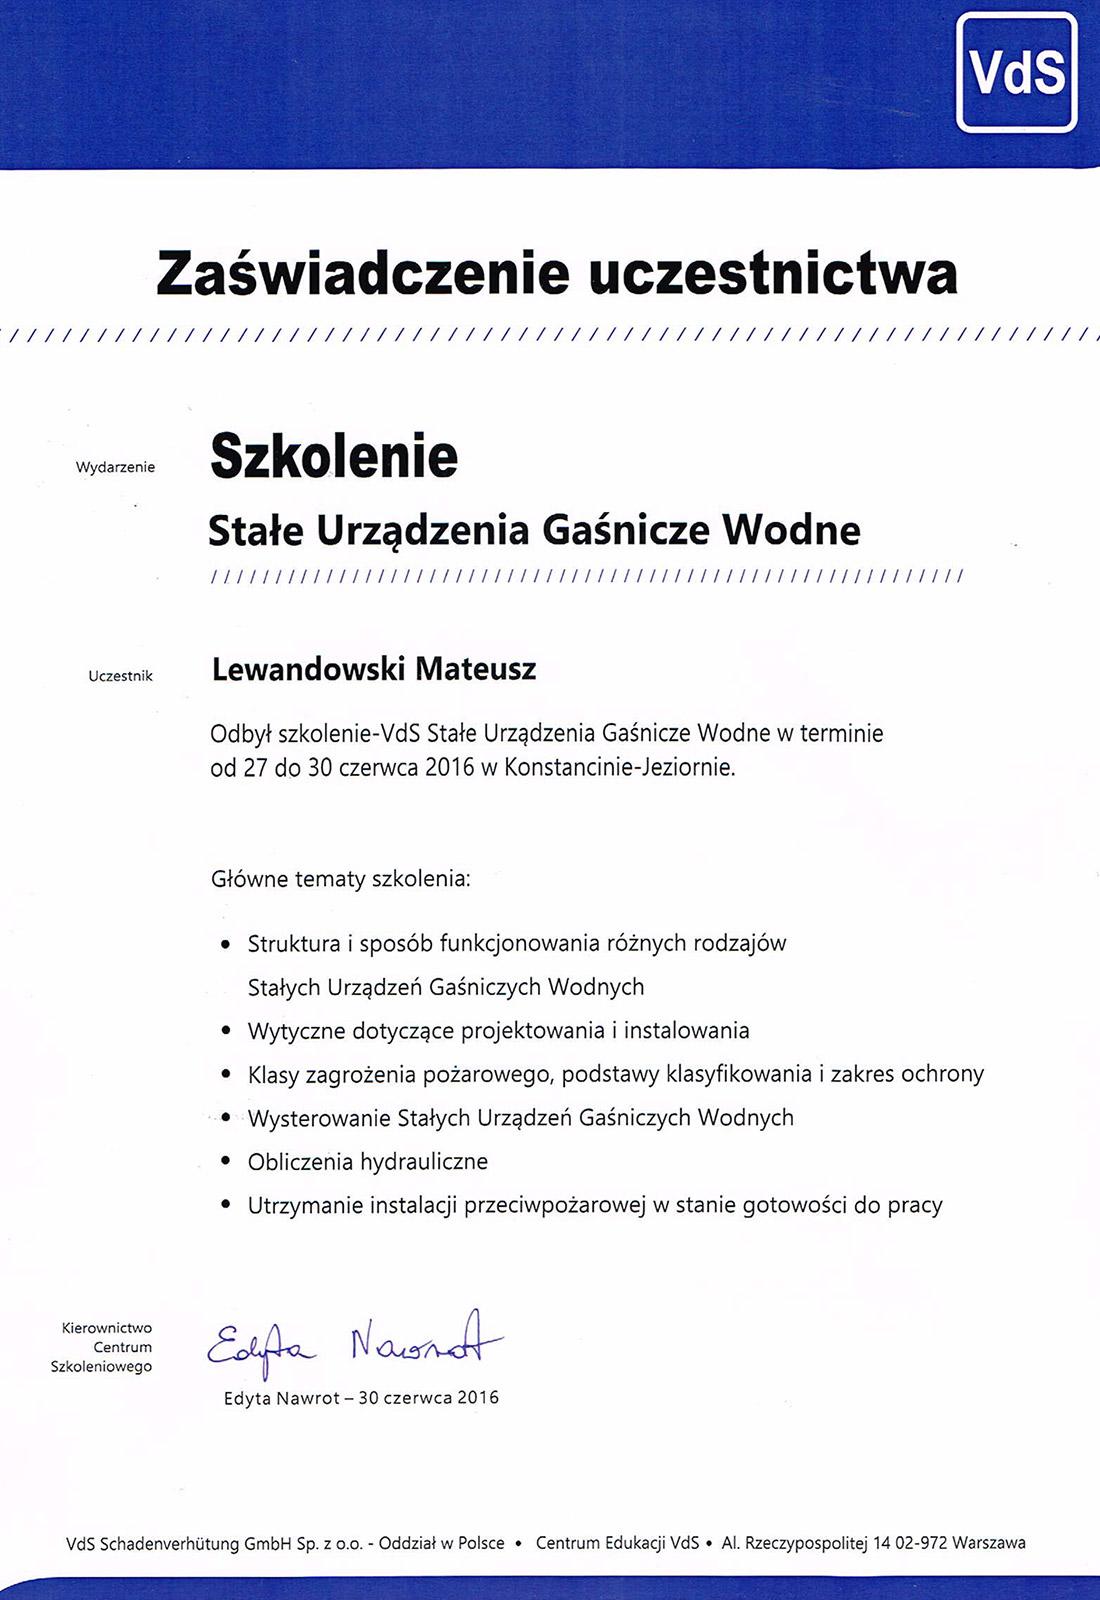 zaswiadczenie_stale_urzadzenia_lewandowski_mateusz